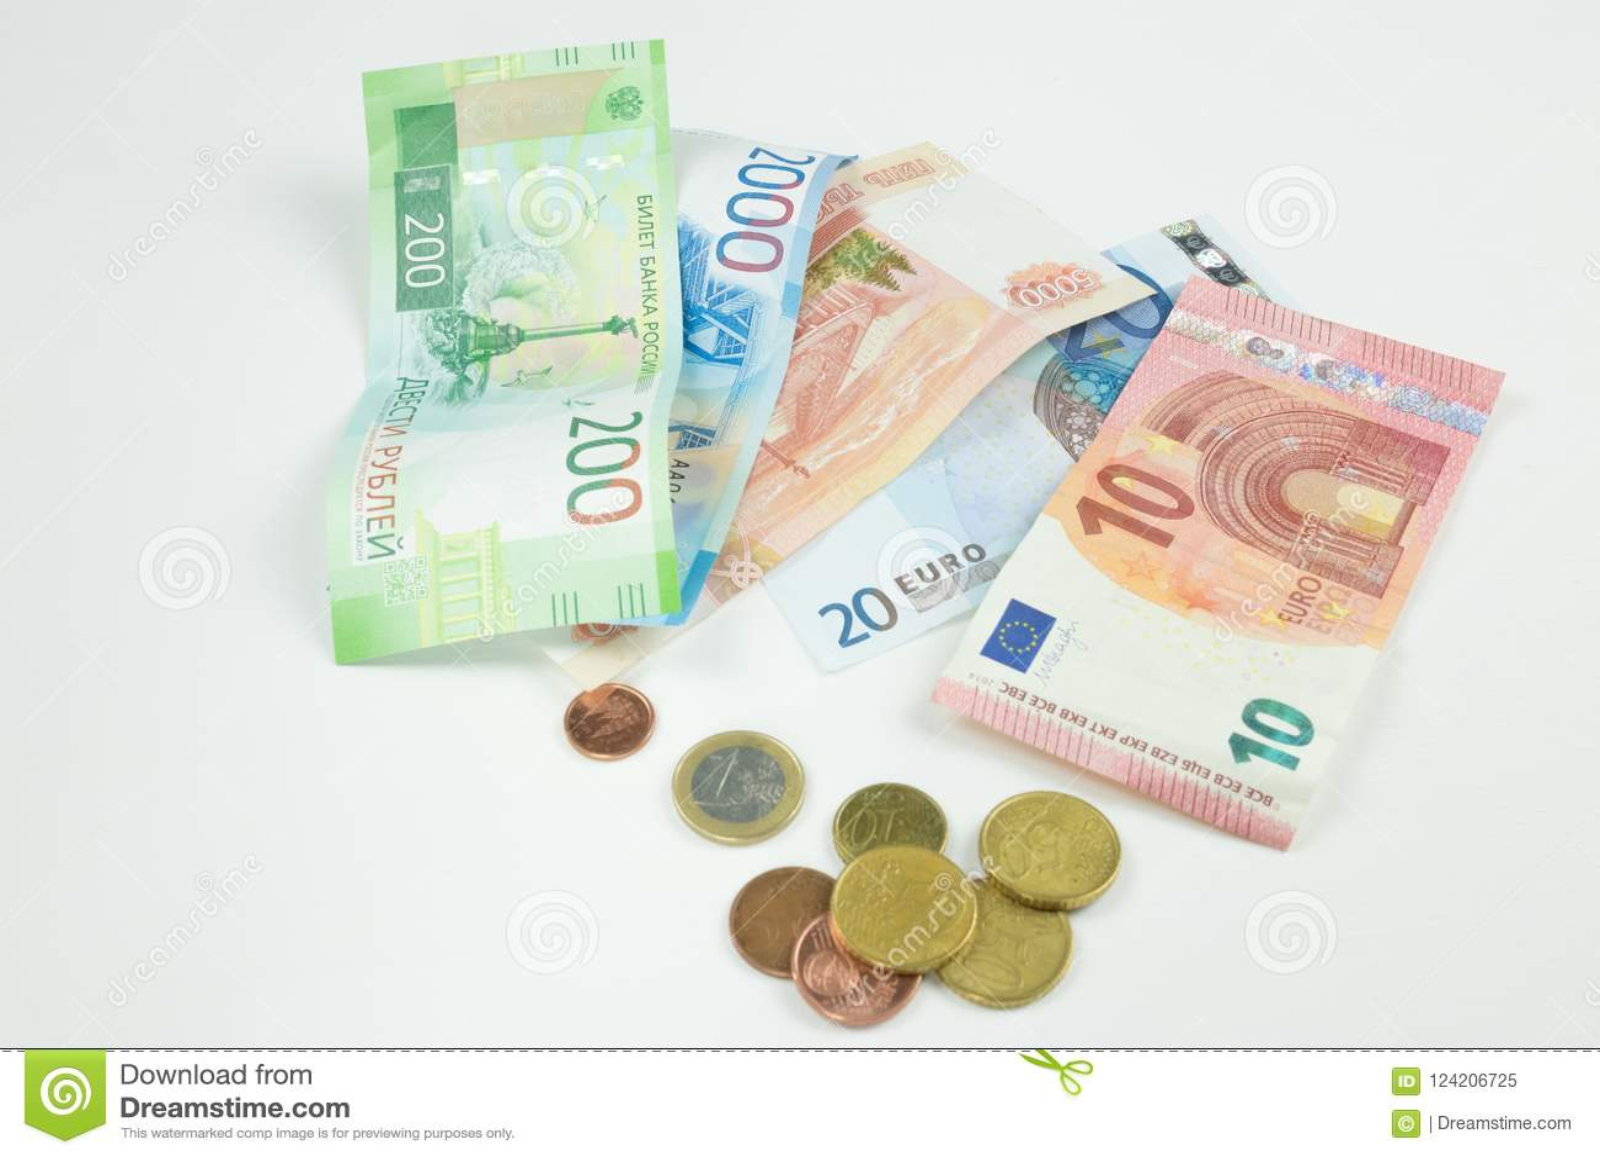 Bakgrunden av olika valutor Pengar från olika länder: isolatorn av pengar från olika länder